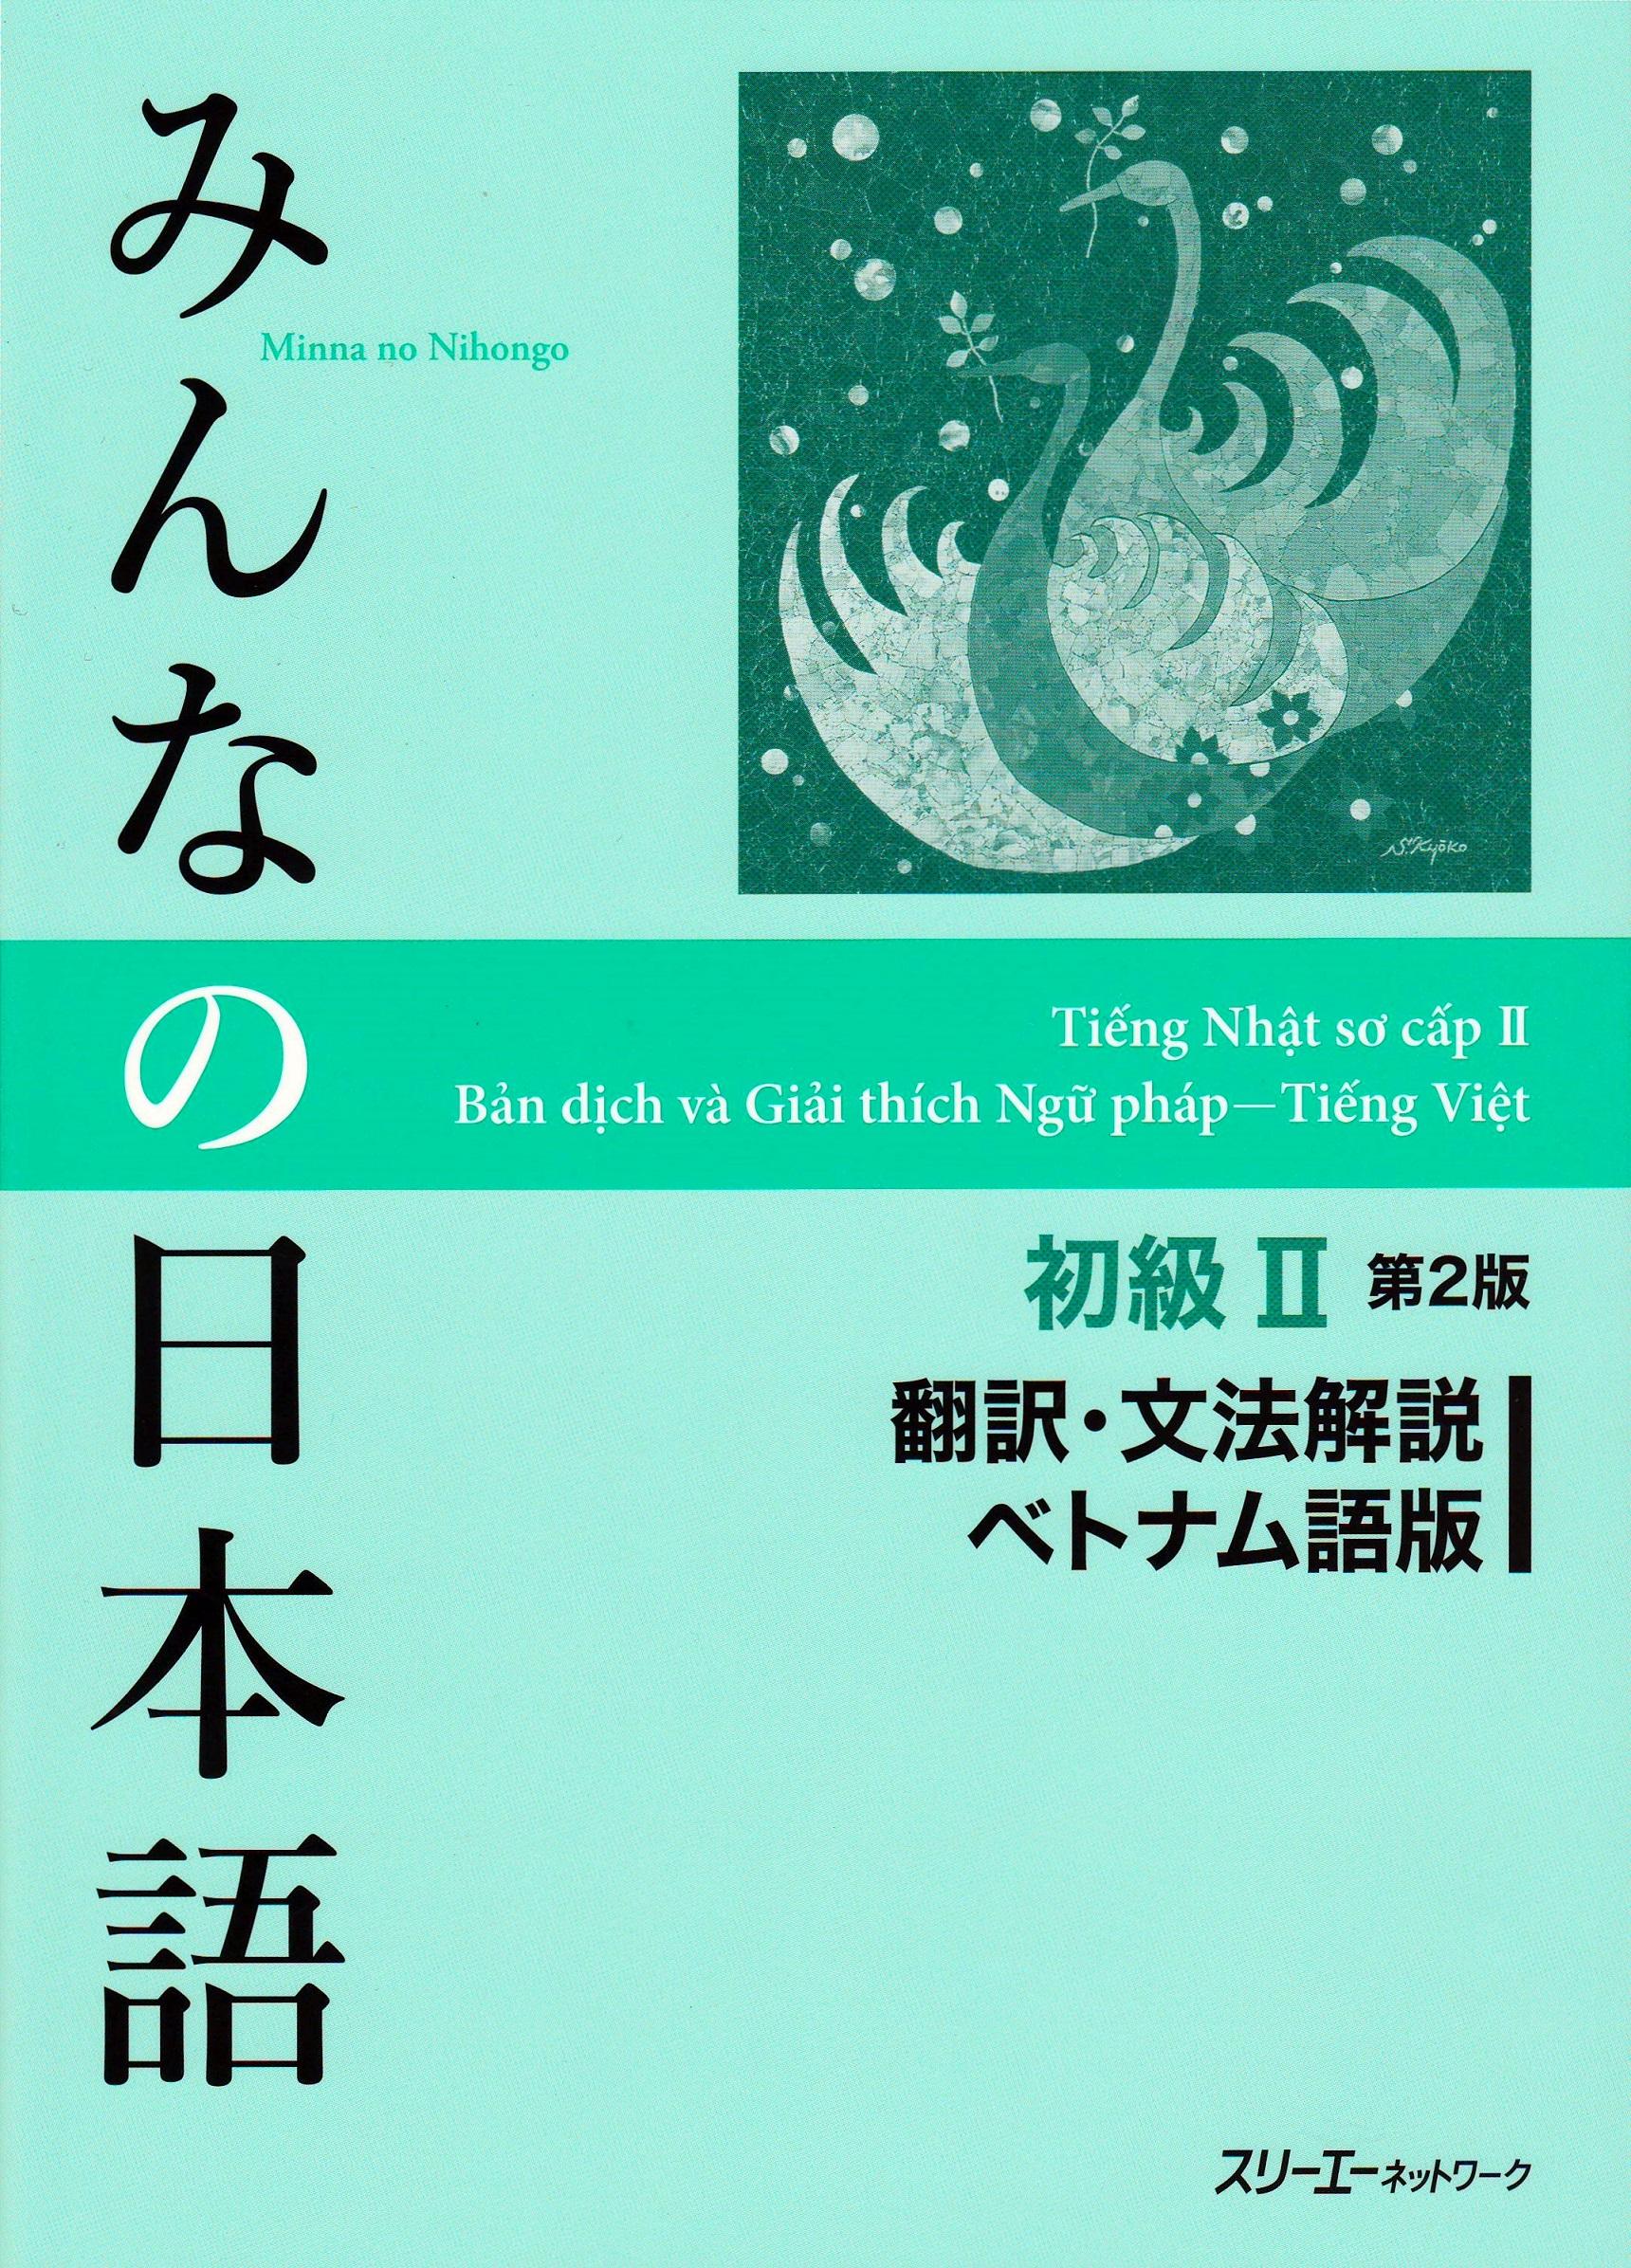 みんなの日本語 初級II  第2版 翻訳・文法解説 ベトナム語版画像